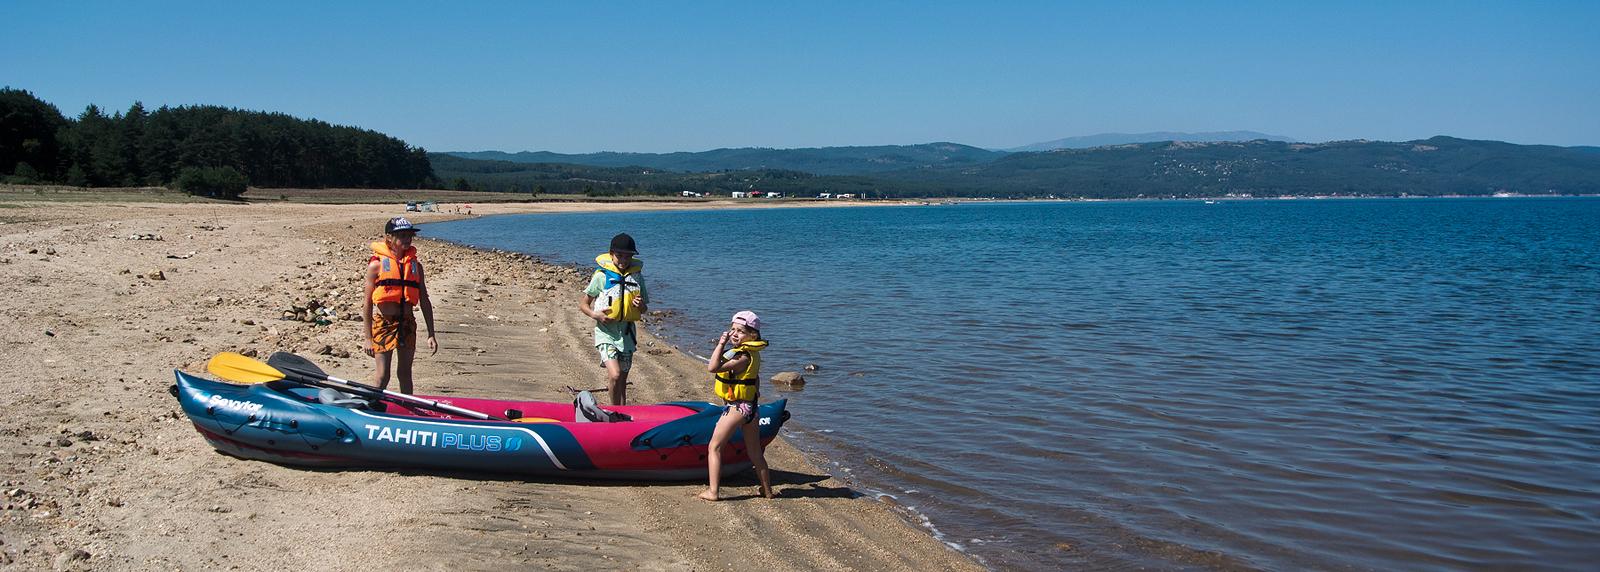 _DSC5498_canoe_enfants